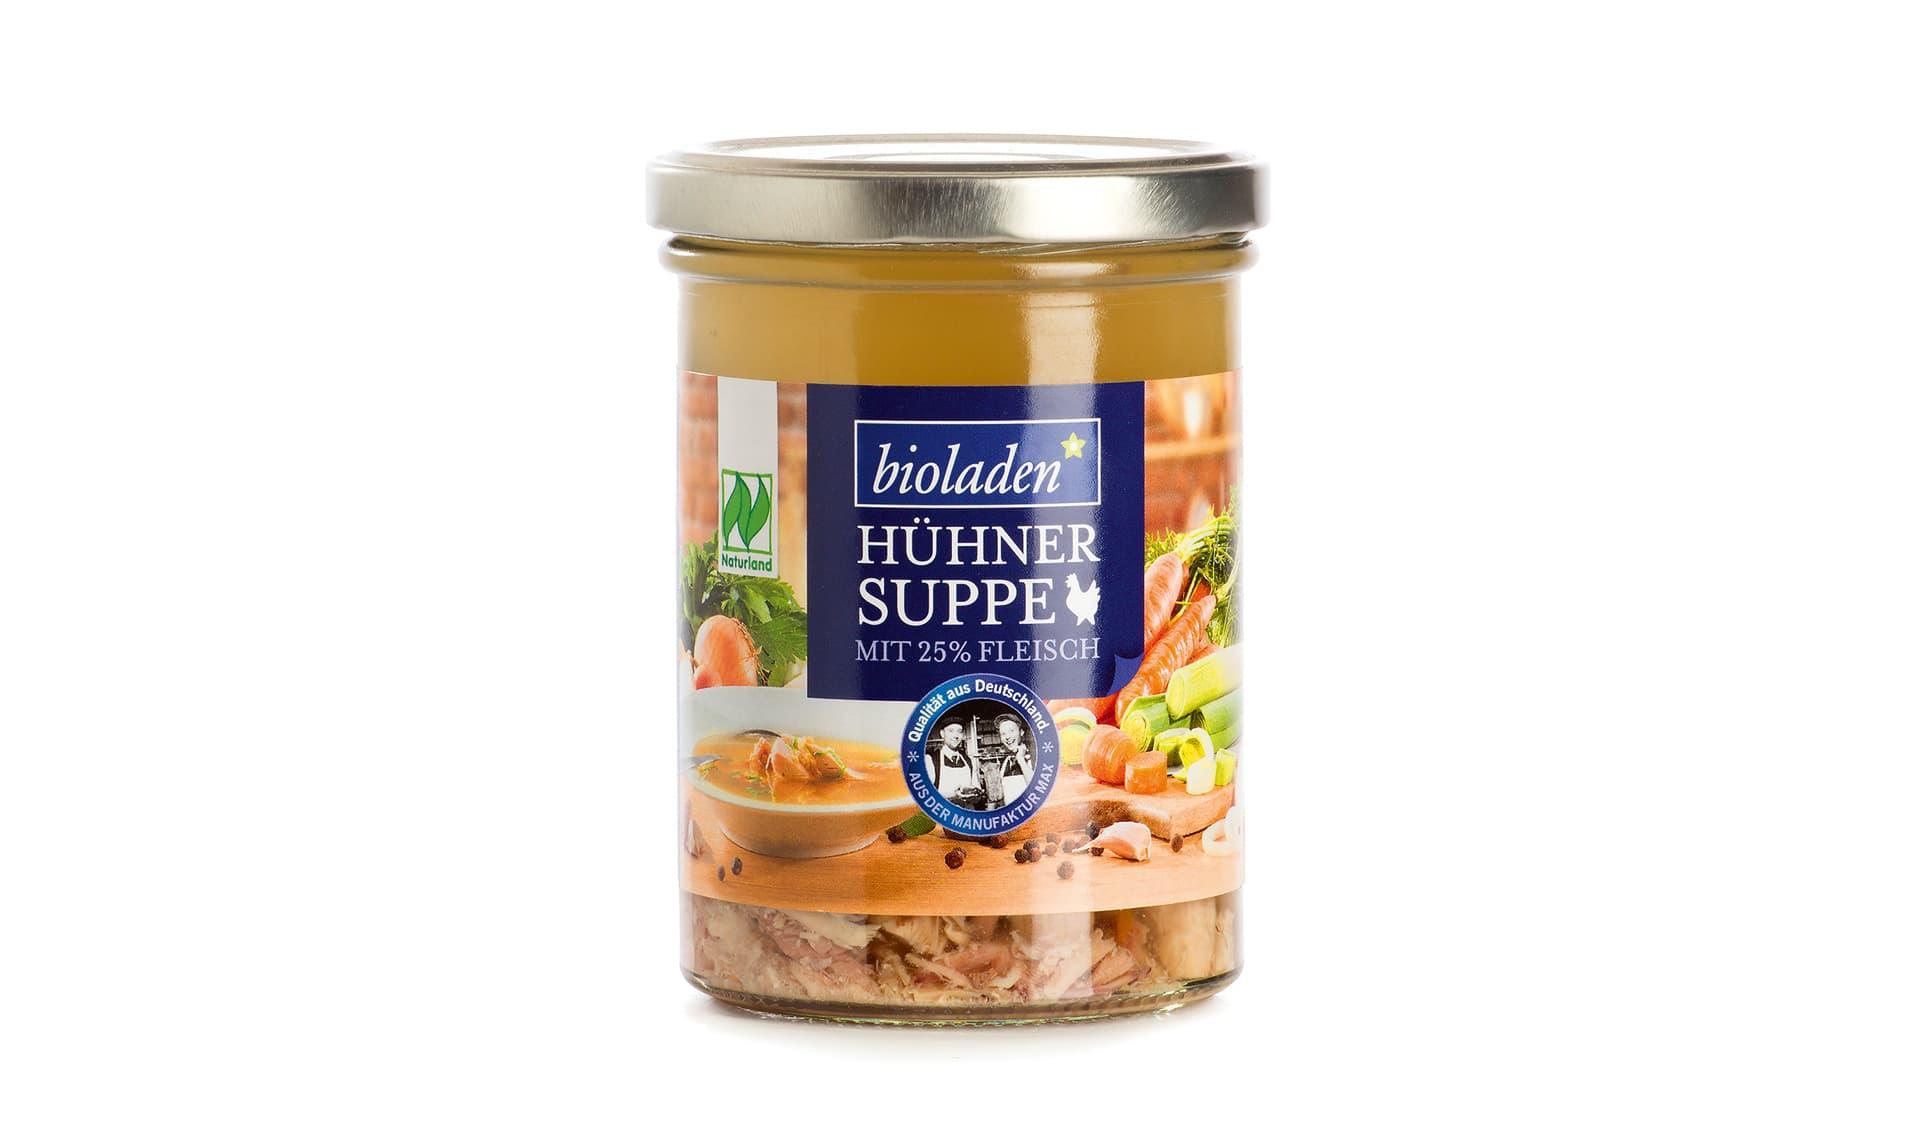 Weiling Hühnersuppe mit 25% Fleisch (www.weiling.de)